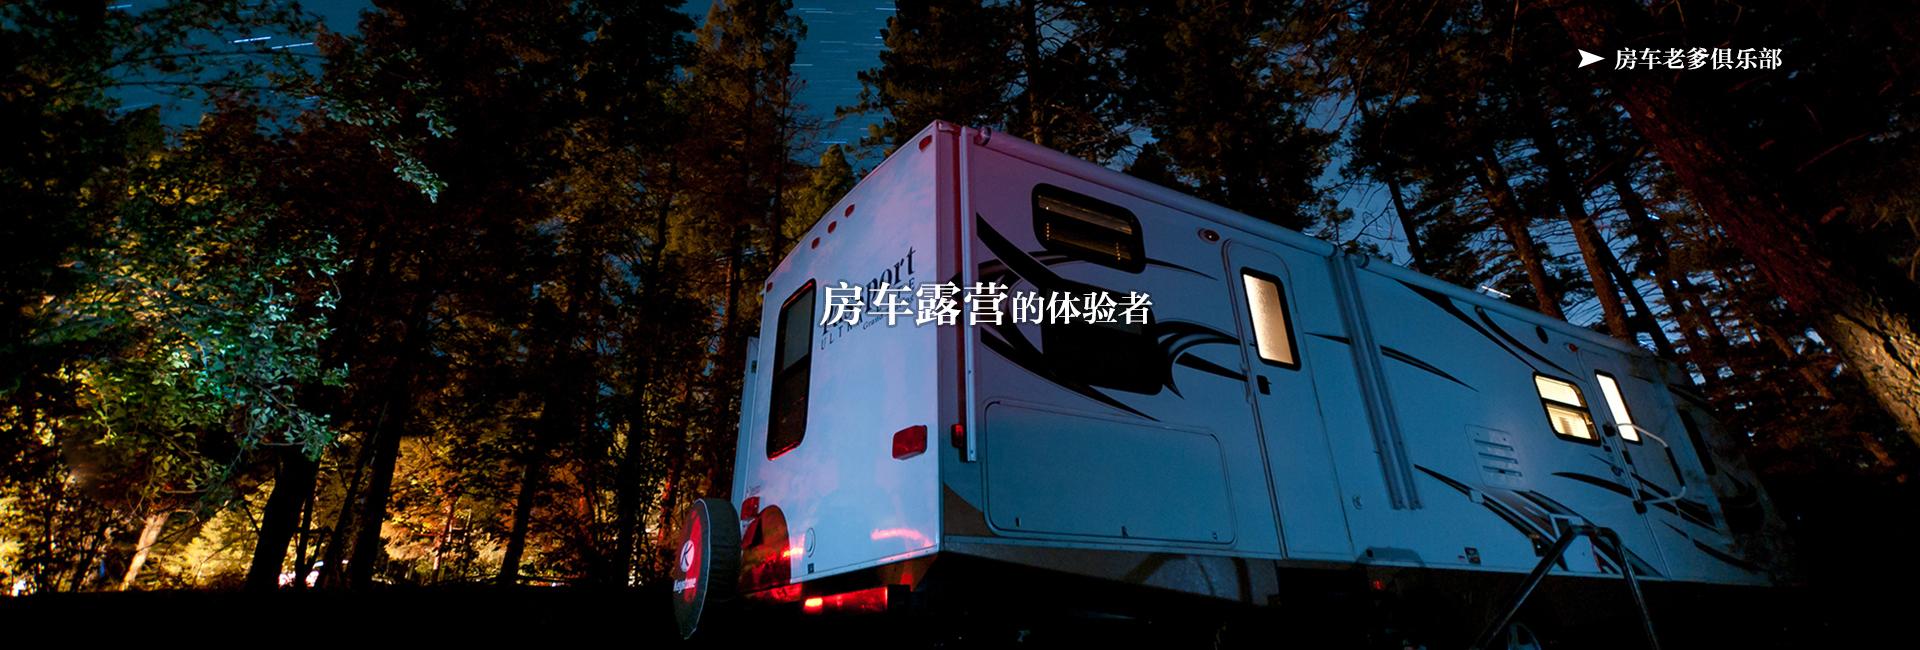 亚虎娱乐官网_亚虎娱乐官网注册_亚虎娱乐手机网页版_亚虎娱乐手机网页版老爹.jpg